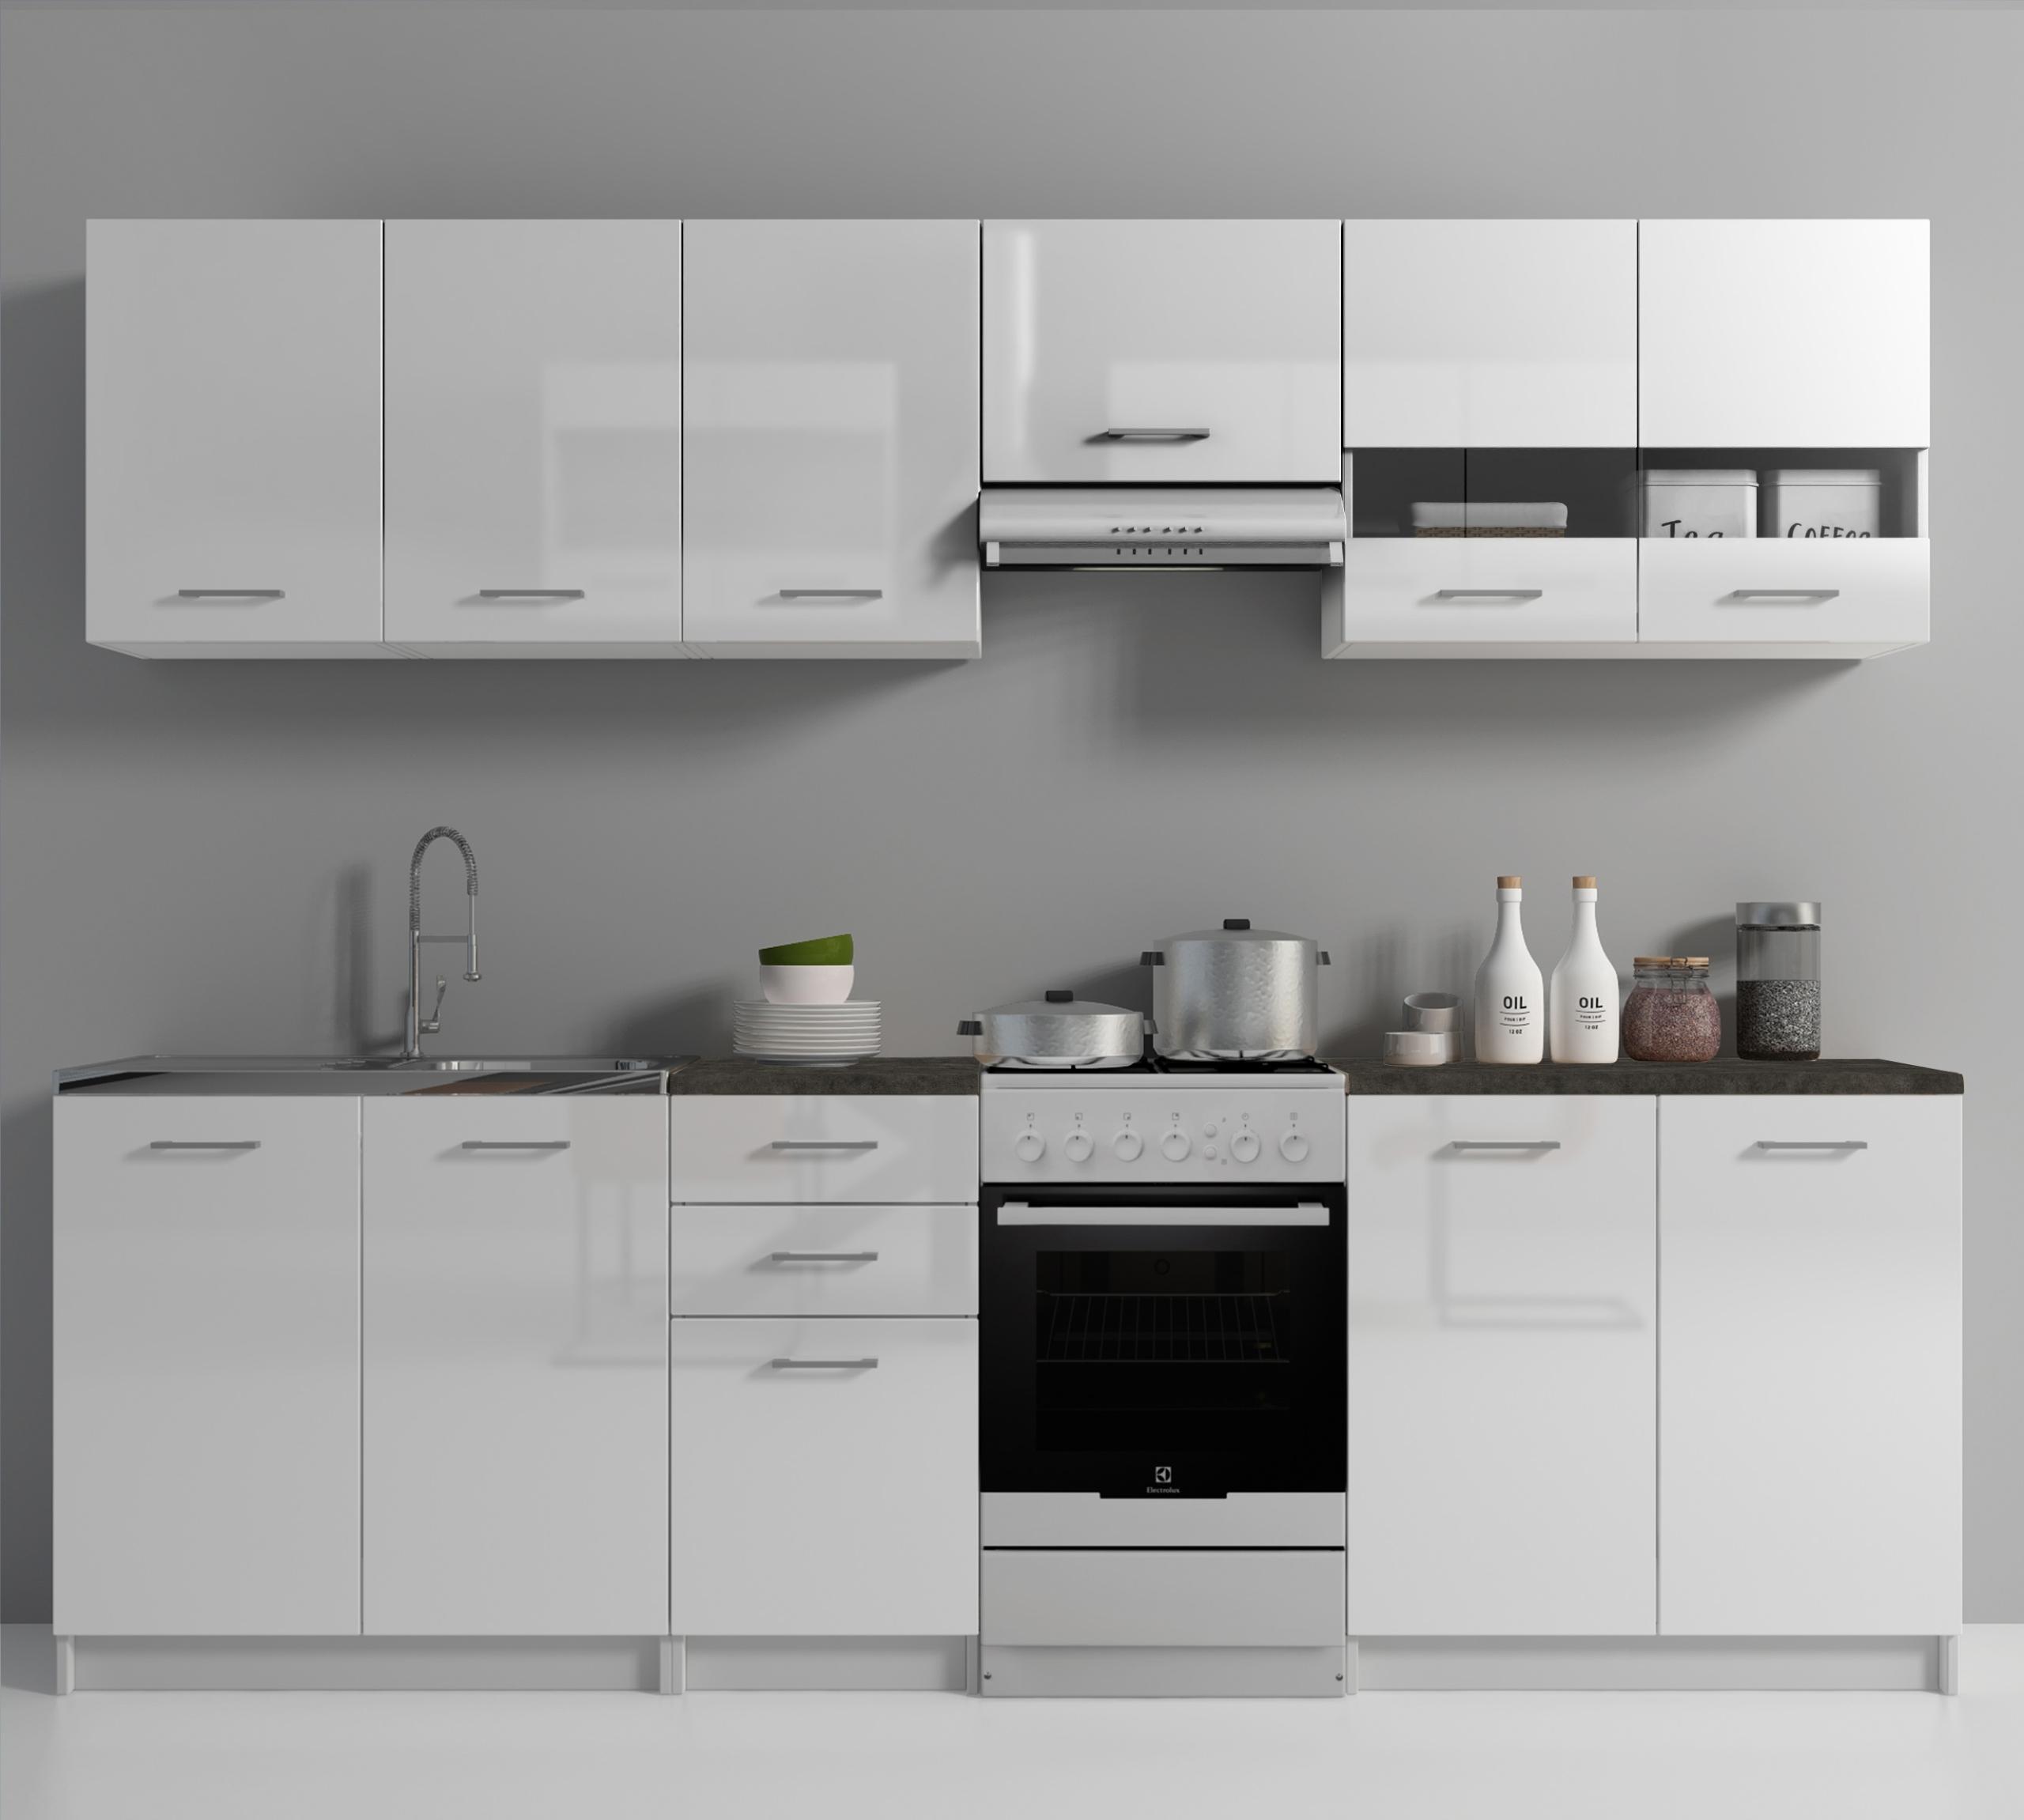 Sada kuchynského nábytku s lakovanými kuchynskými doskami